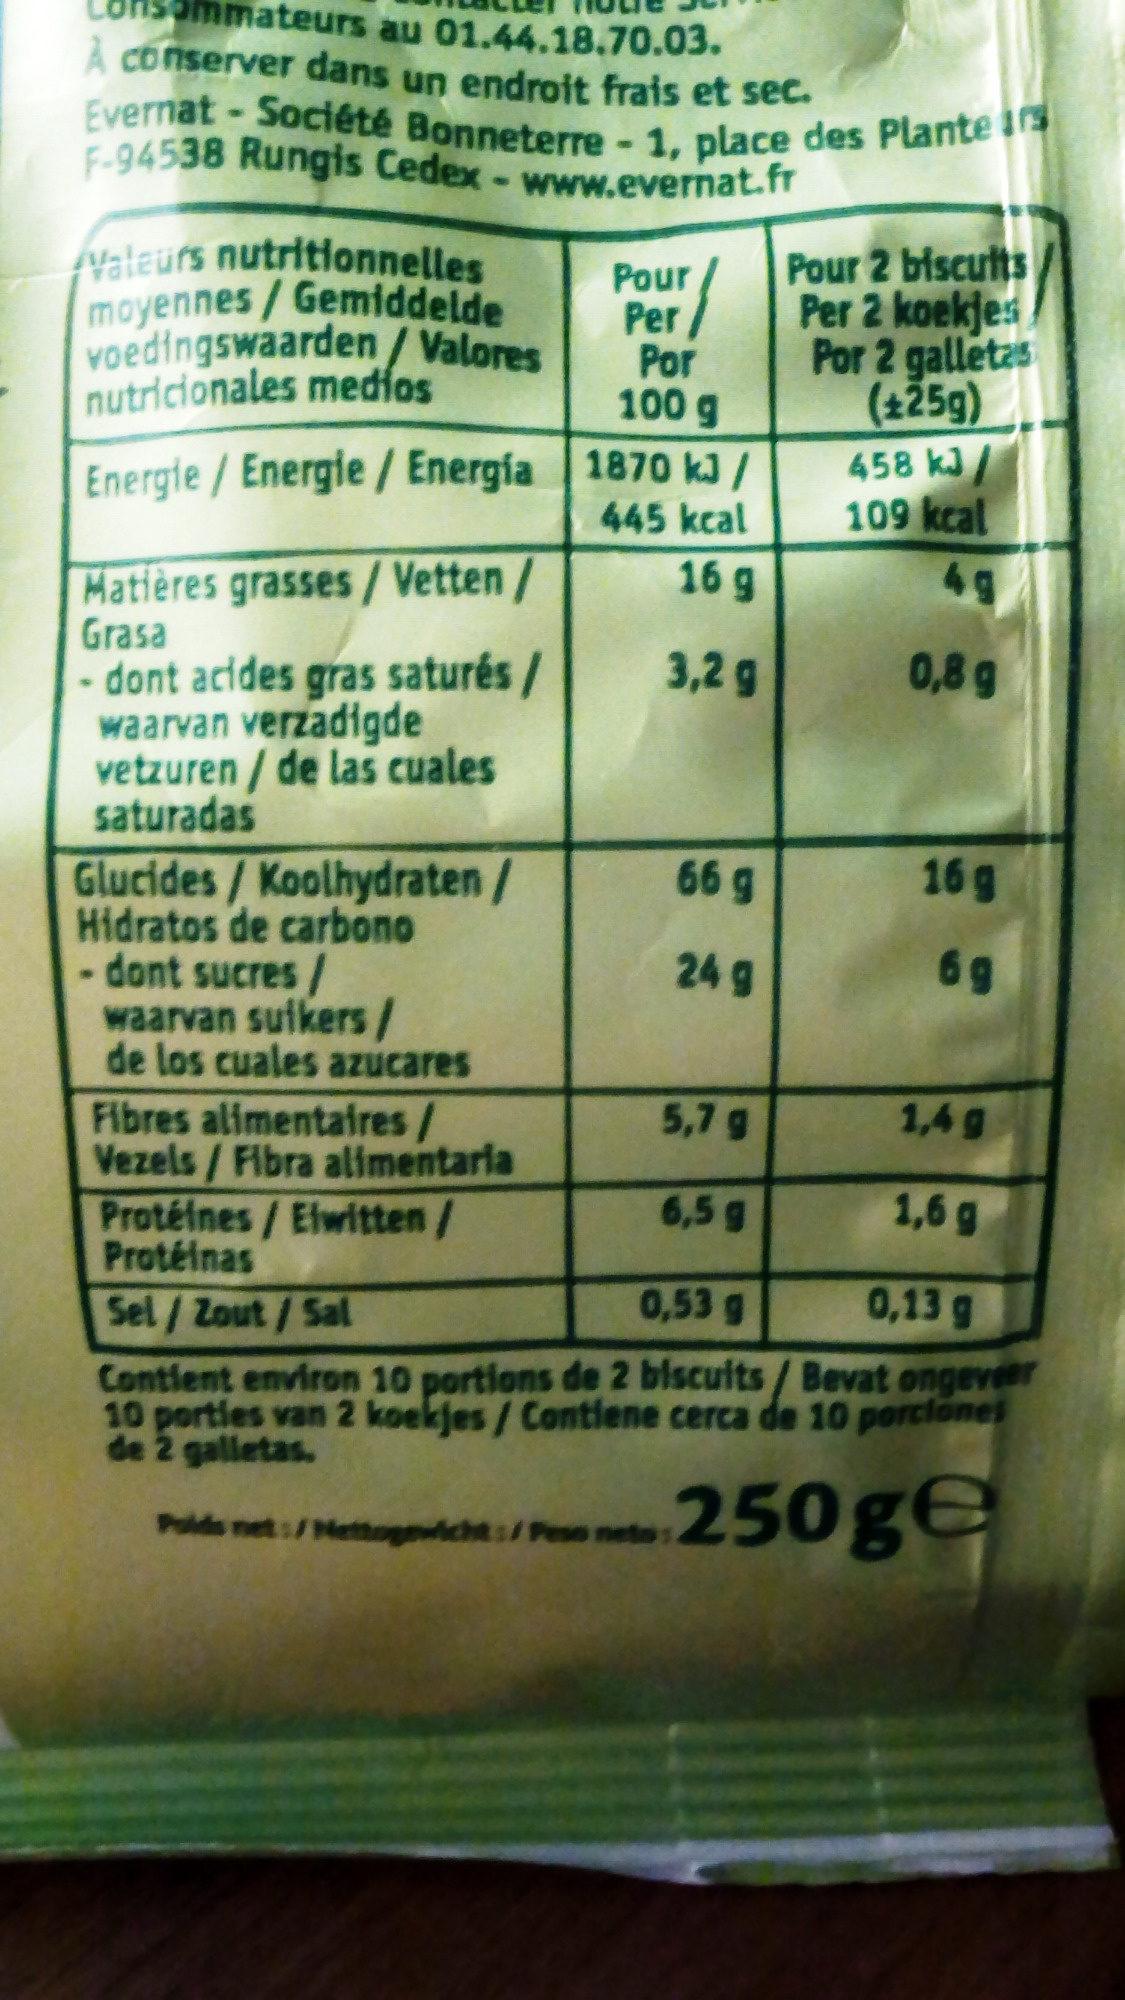 P'tits sablés Chocolat sans gluten - Informations nutritionnelles - fr